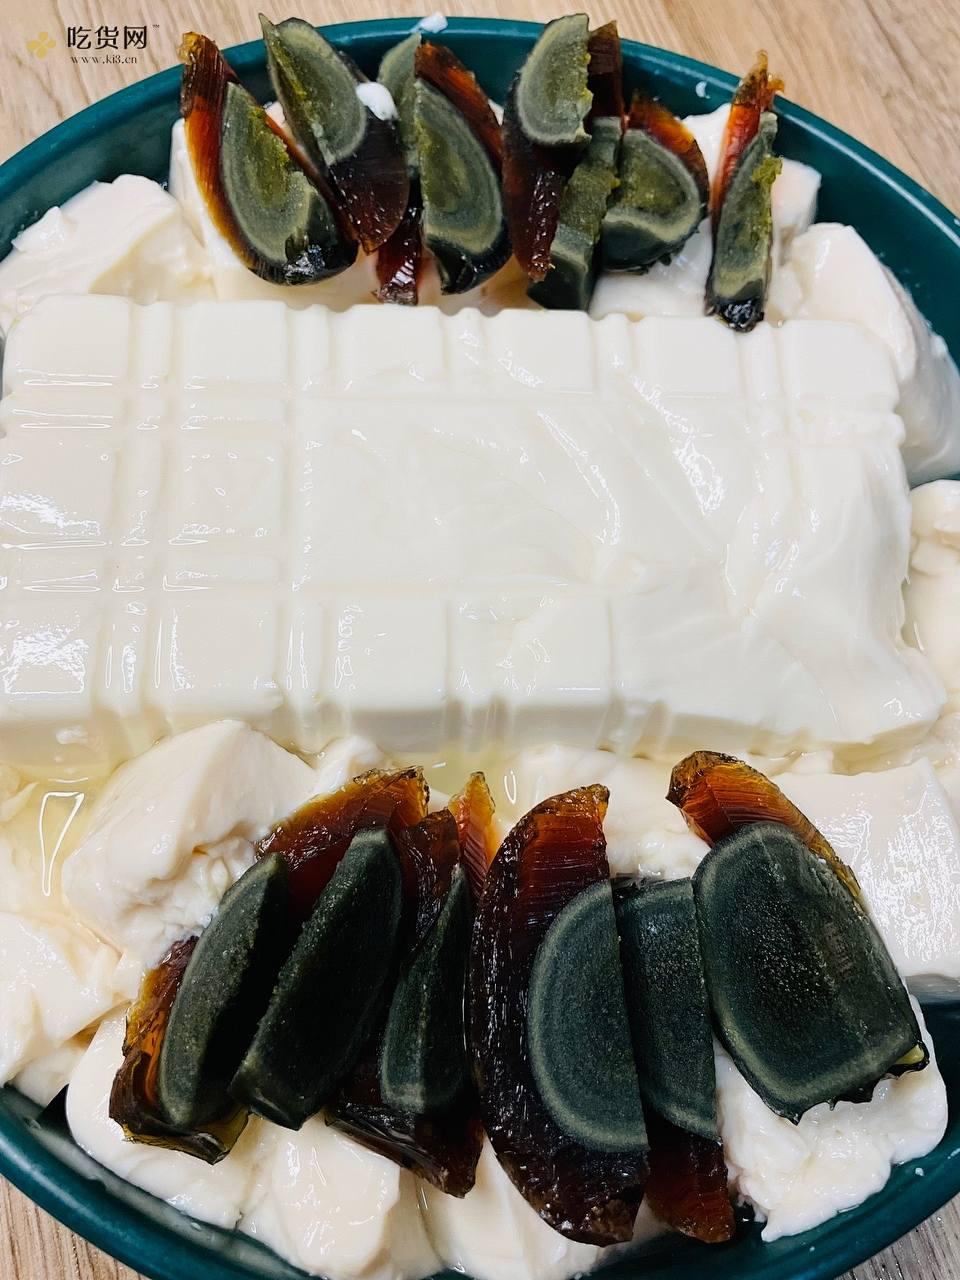 虎皮尖椒皮蛋拌豆腐——拯救没胃口的做法 步骤2